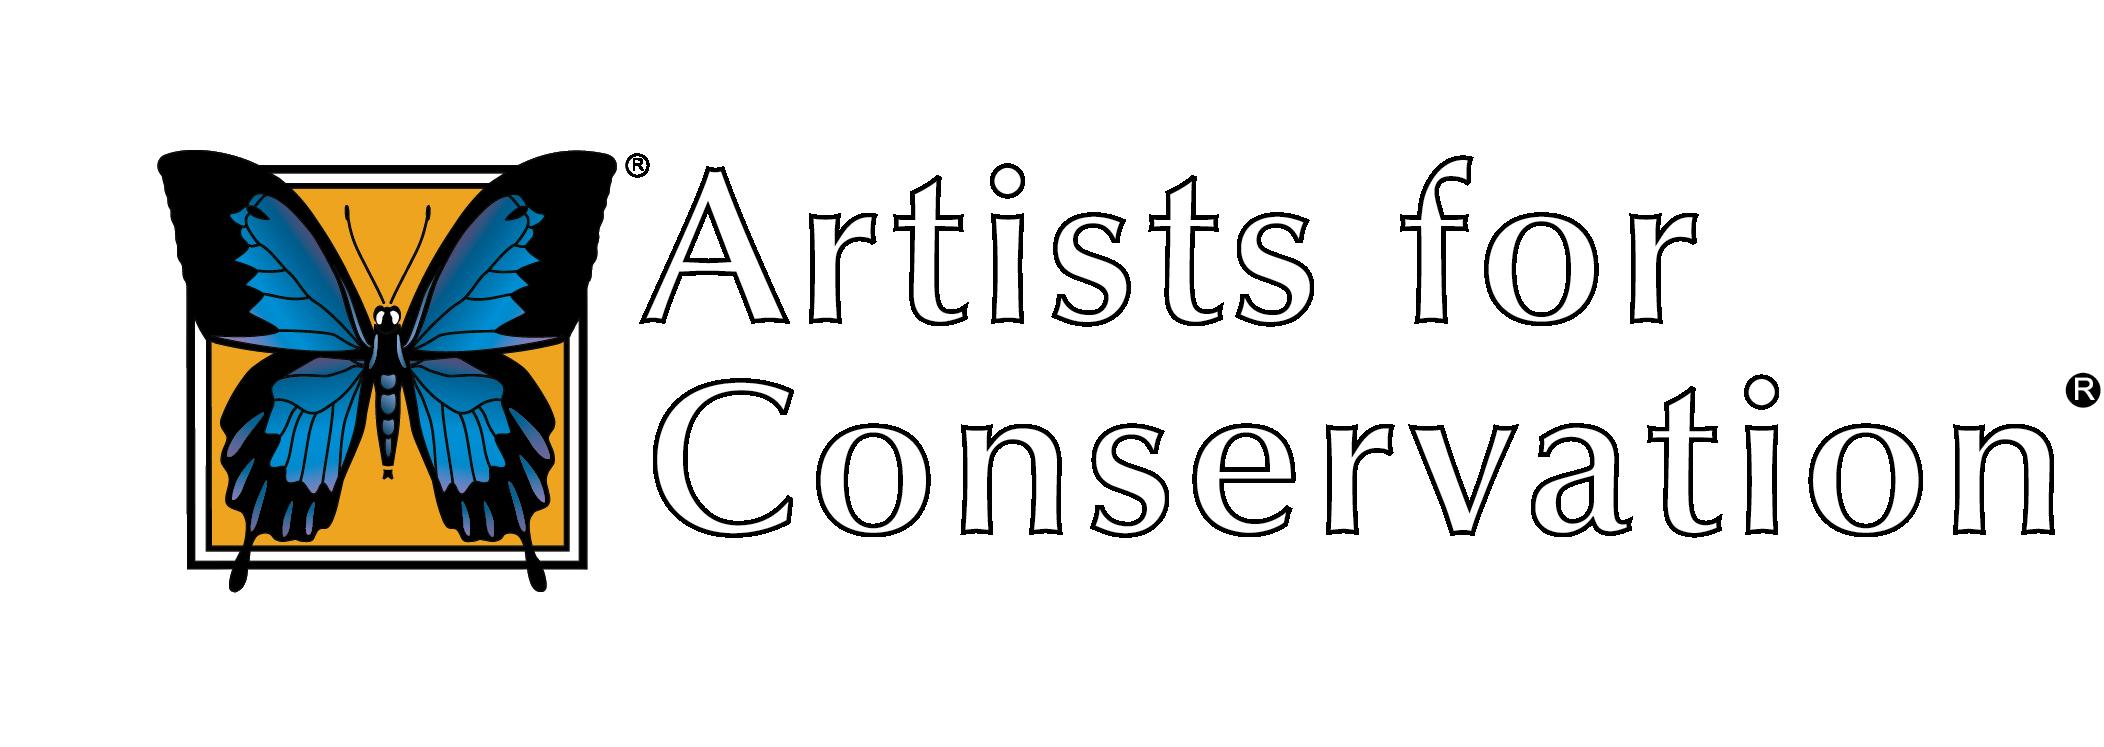 afc-logo-slideshow-darkbg_0.png